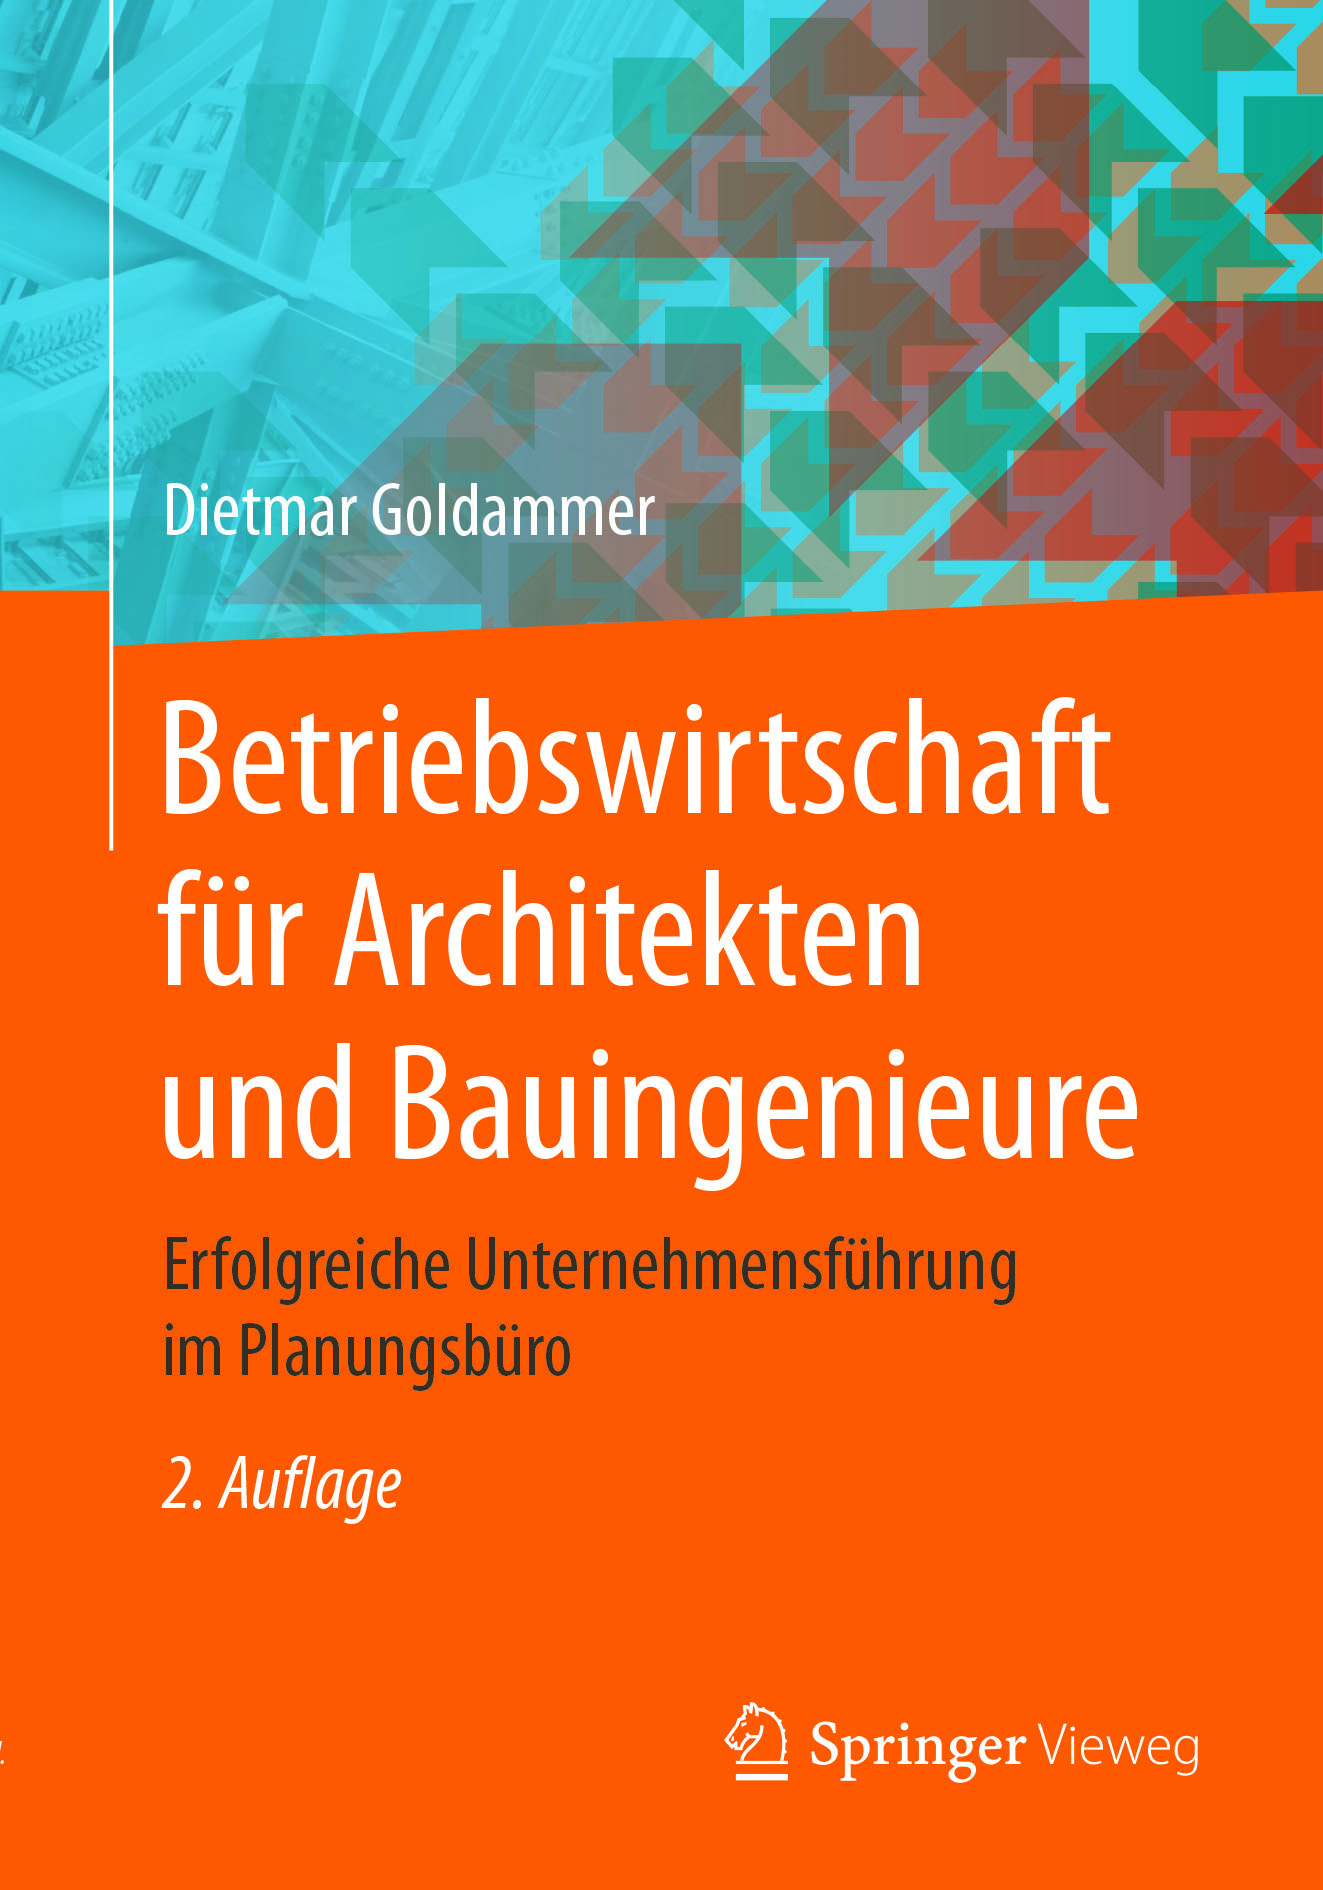 Goldammer, Dietmar - Betriebswirtschaft für Architekten und Bauingenieure, ebook